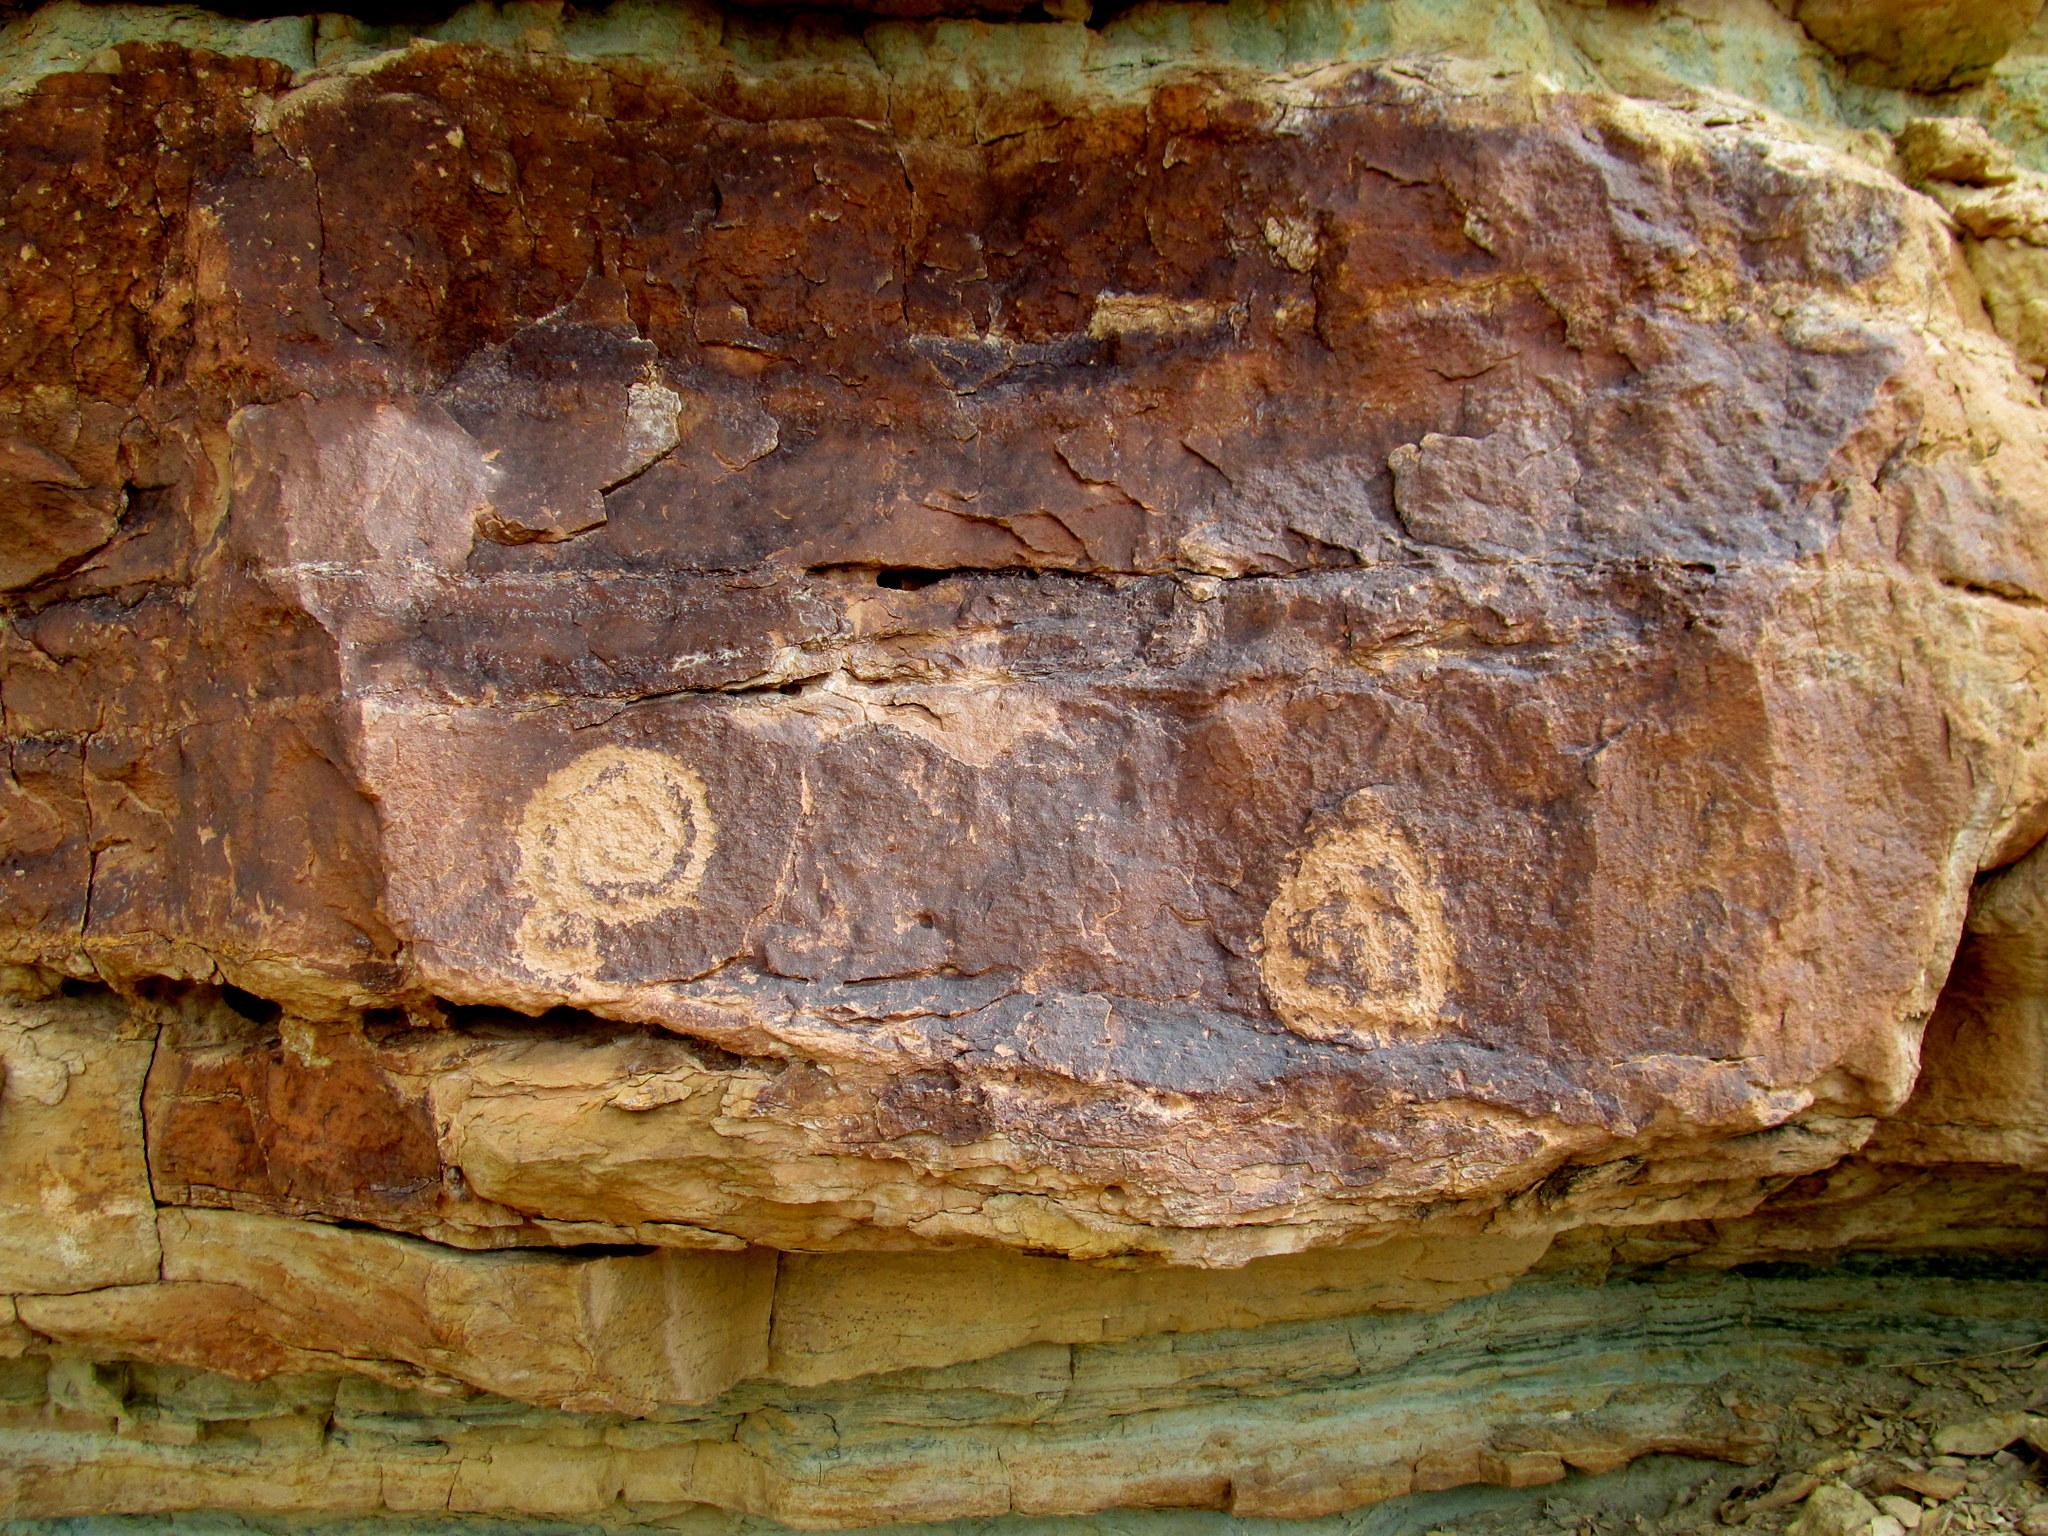 Photo: Crude petroglyphs